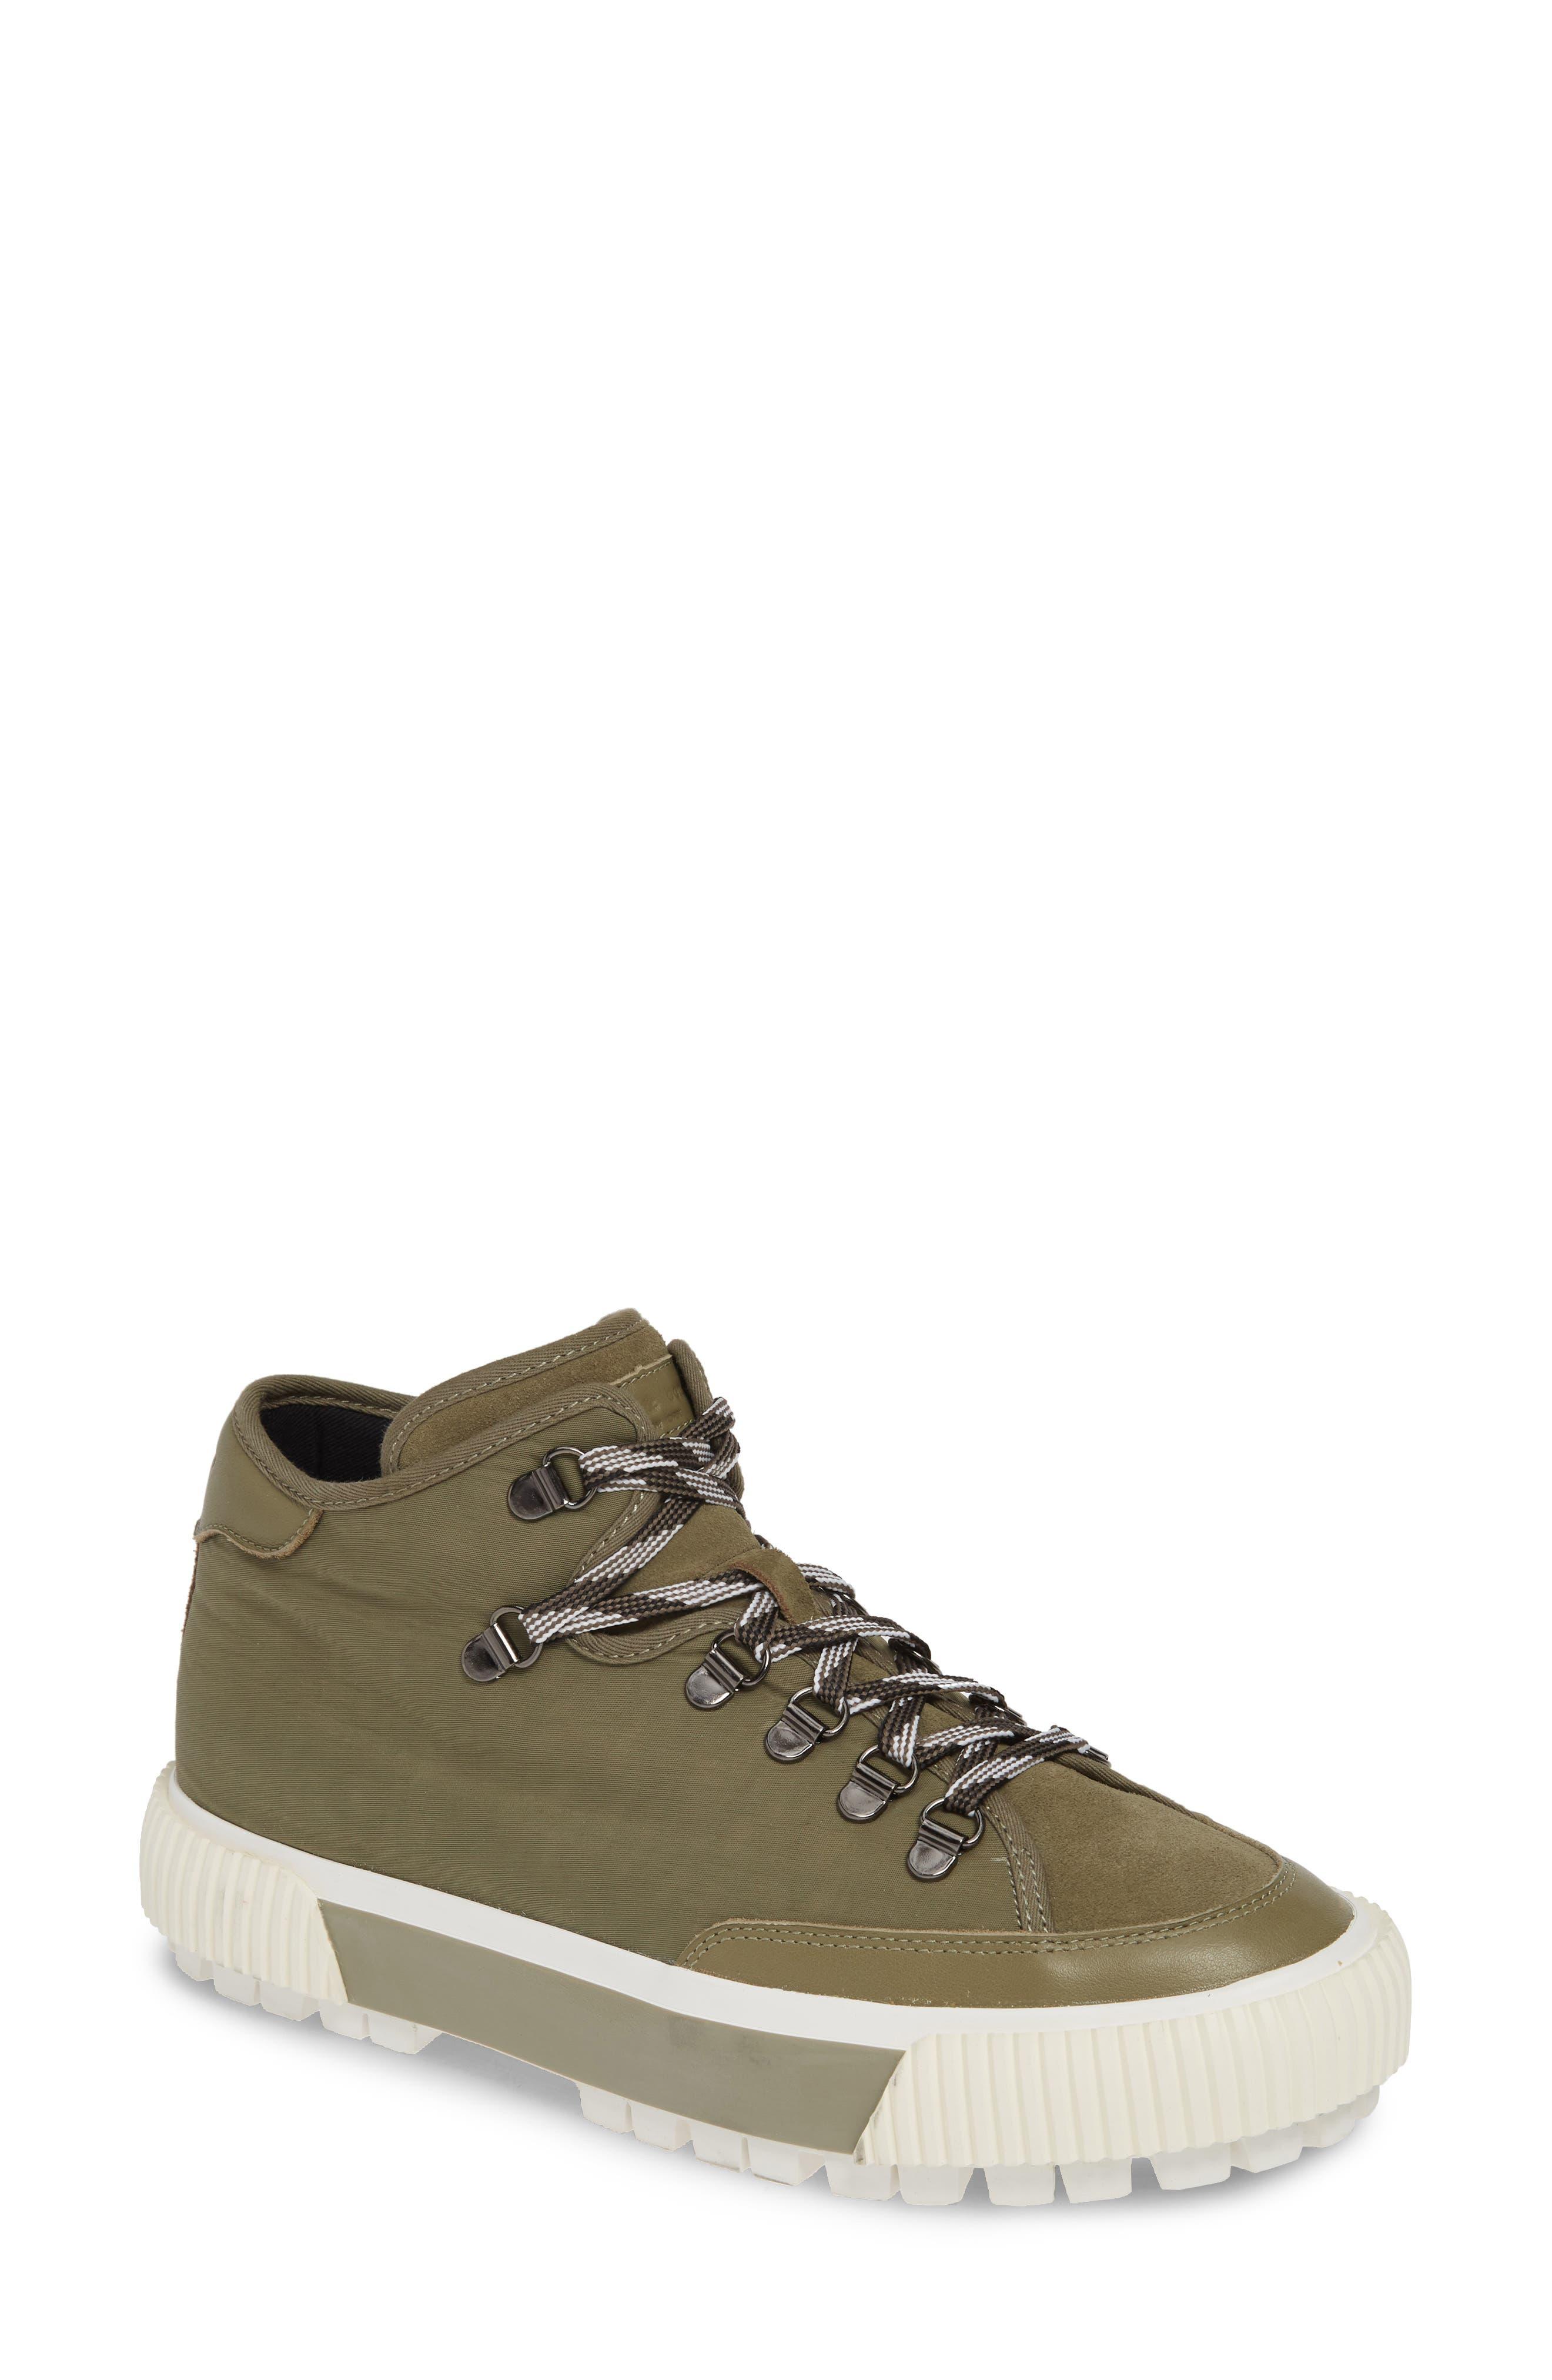 Rag & Bone Army Low Top Hiking Sneaker